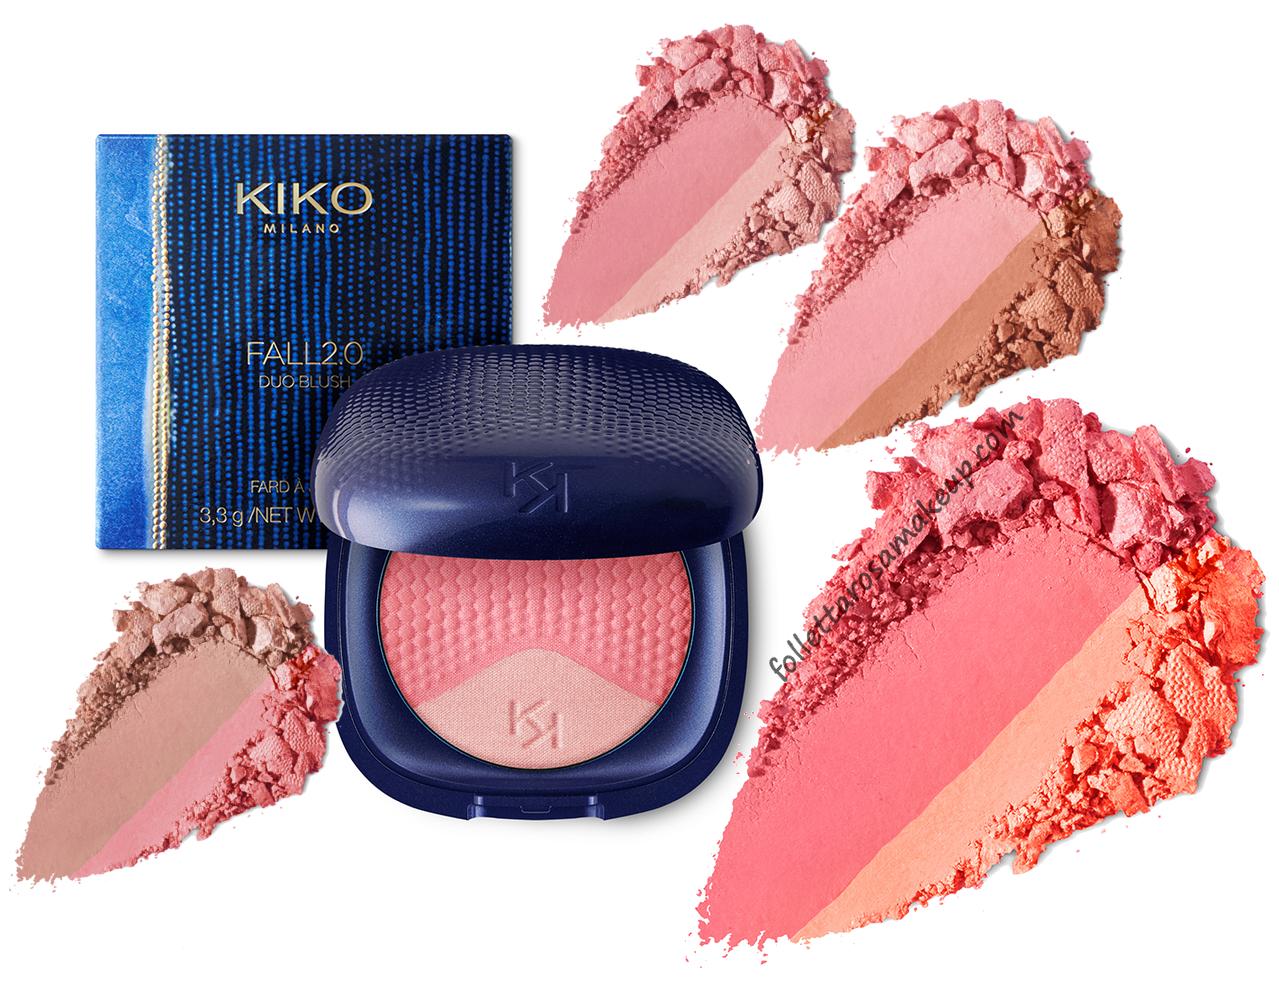 blush-kiko-fall-2.0-collezione-autunno-2017